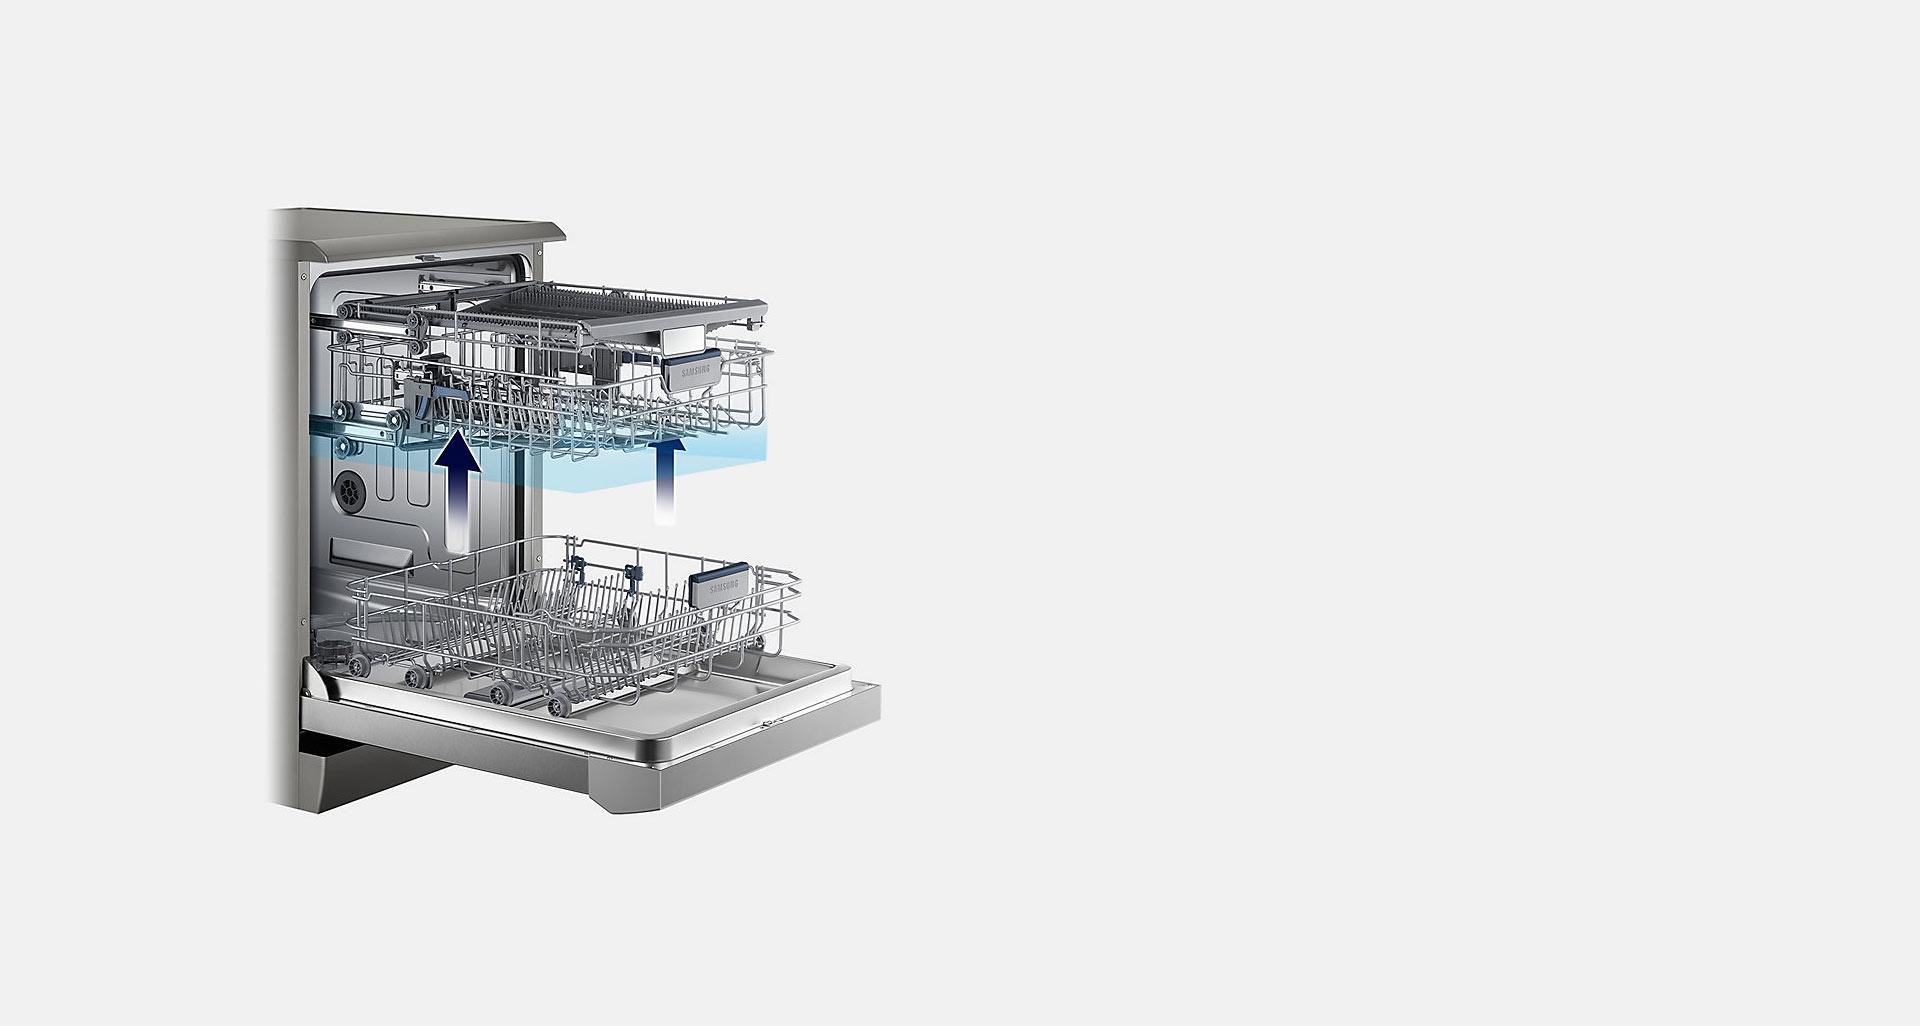 تنظیم ارتفاع یک مرحله ای ظرفشویی D159 سامسونگ